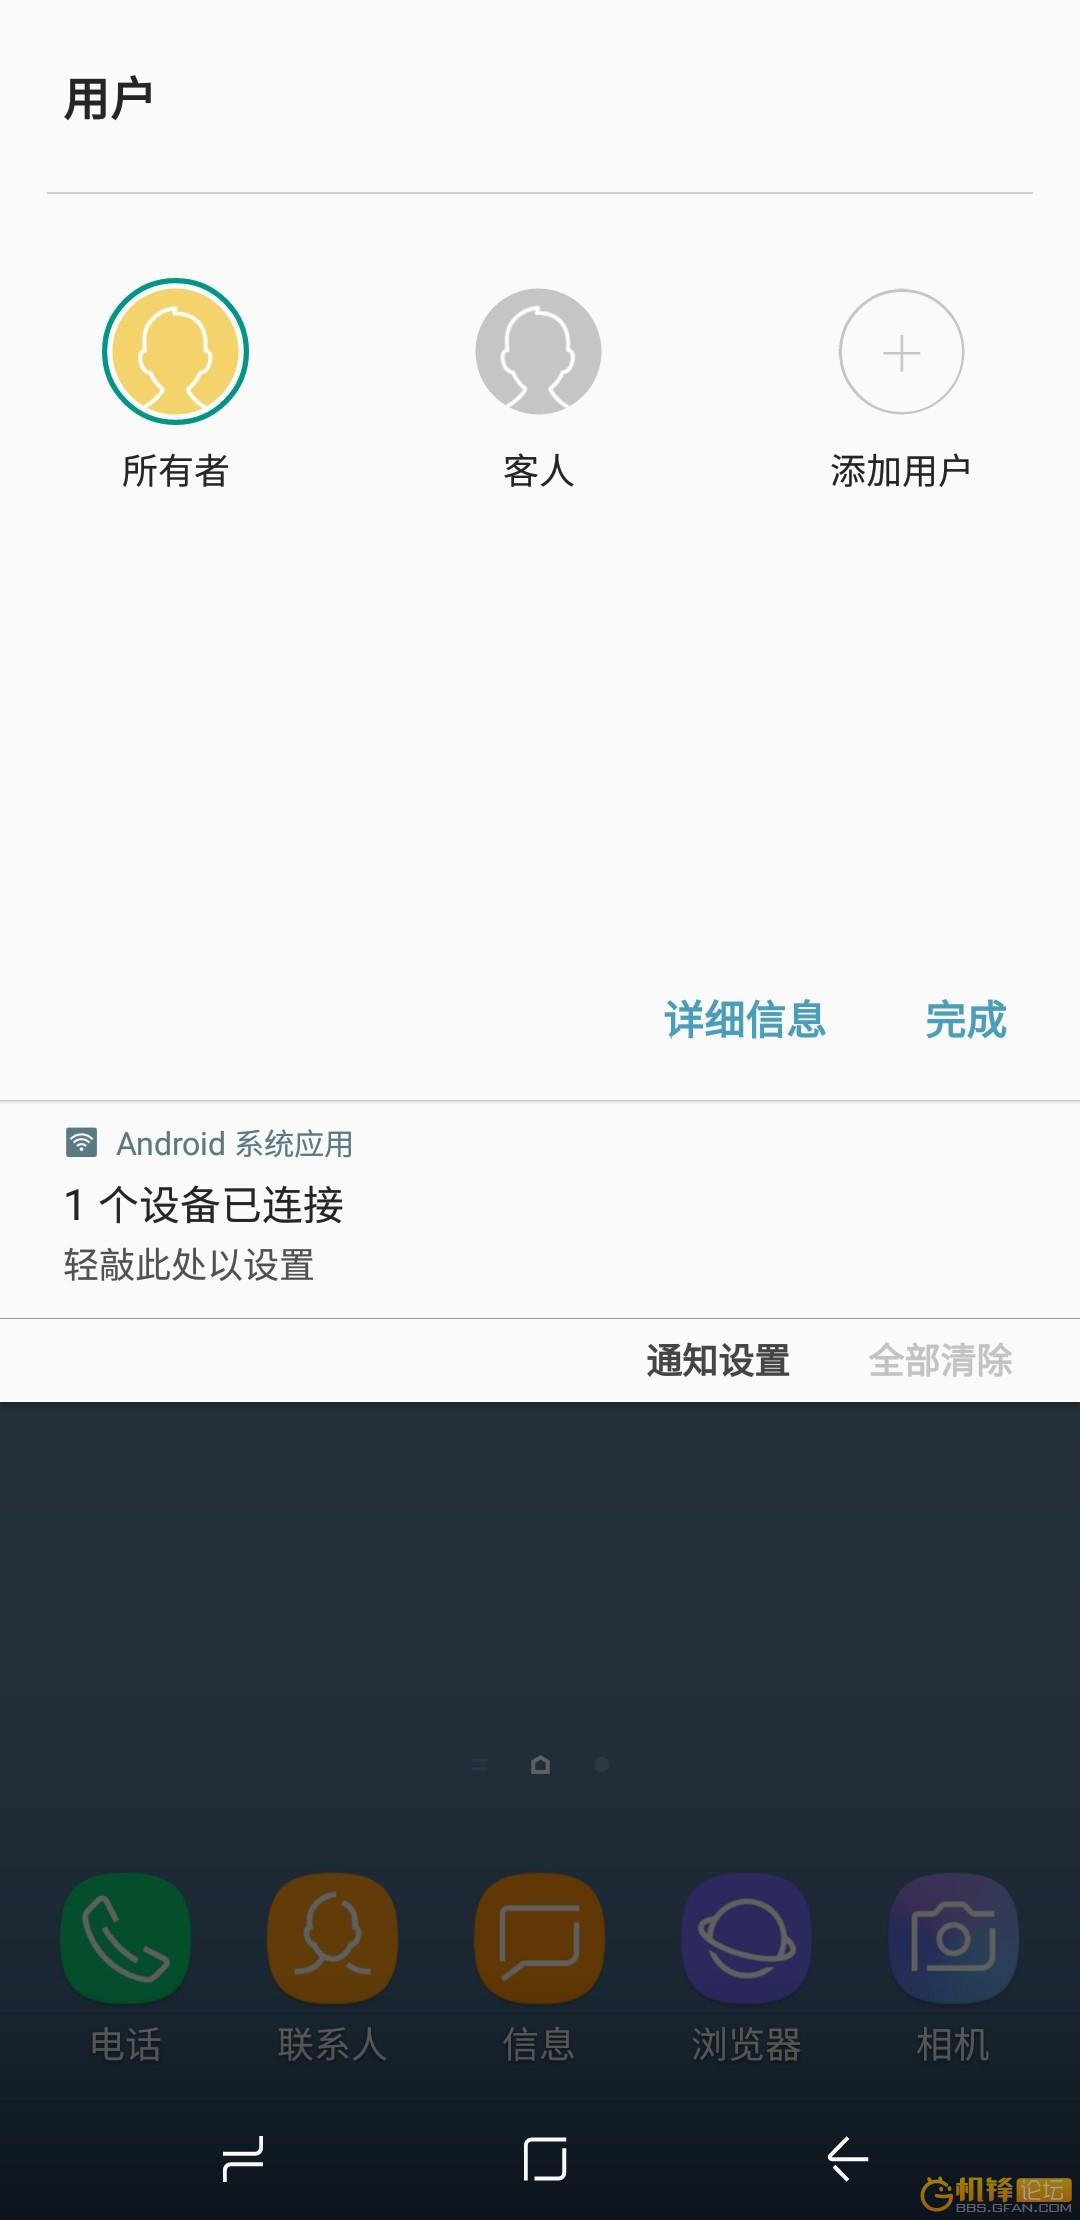 Screenshot_20171124-232332.jpg